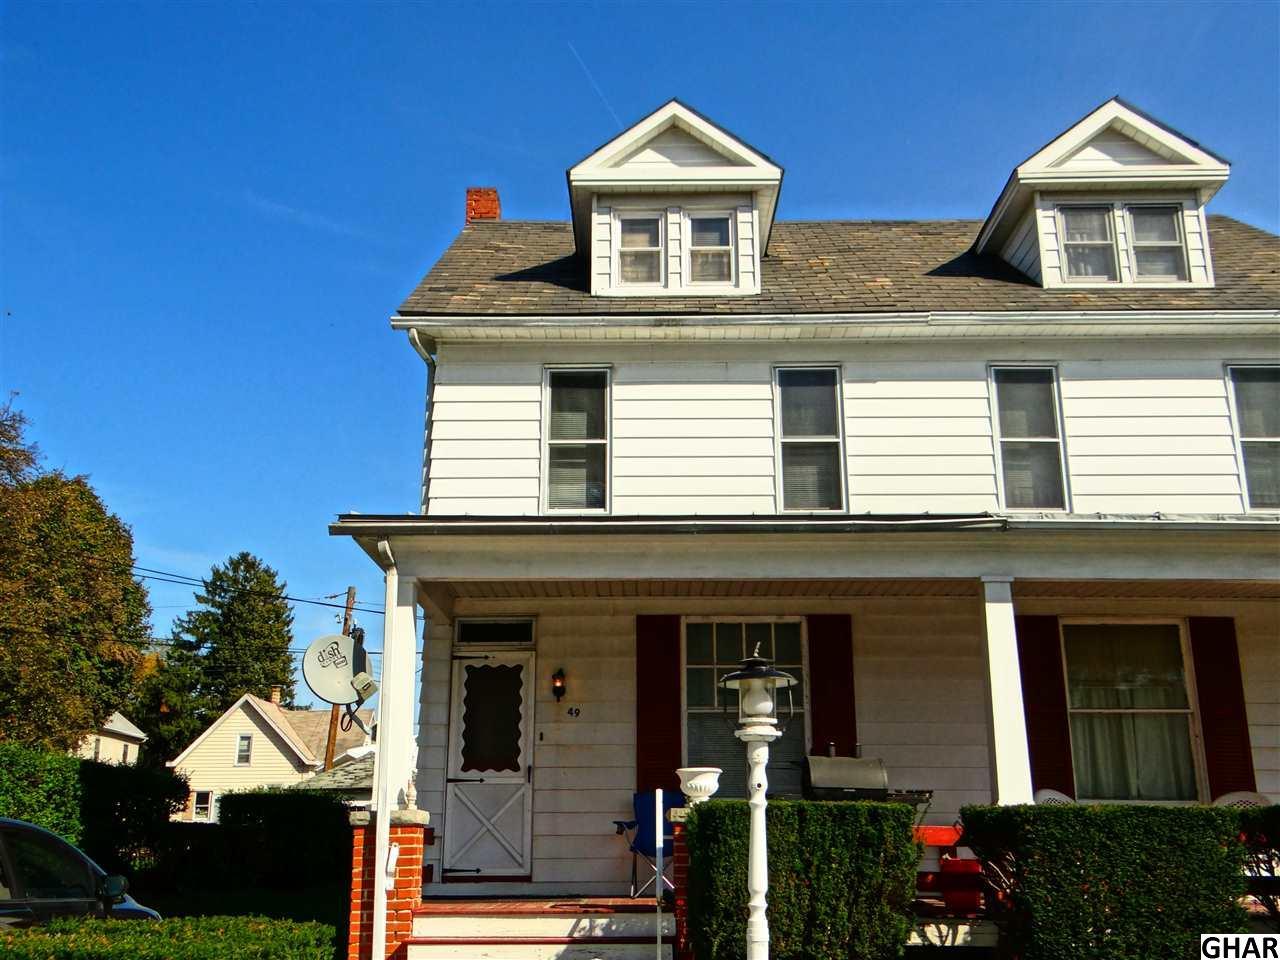 49 N 10th St, Lemoyne, PA 17043